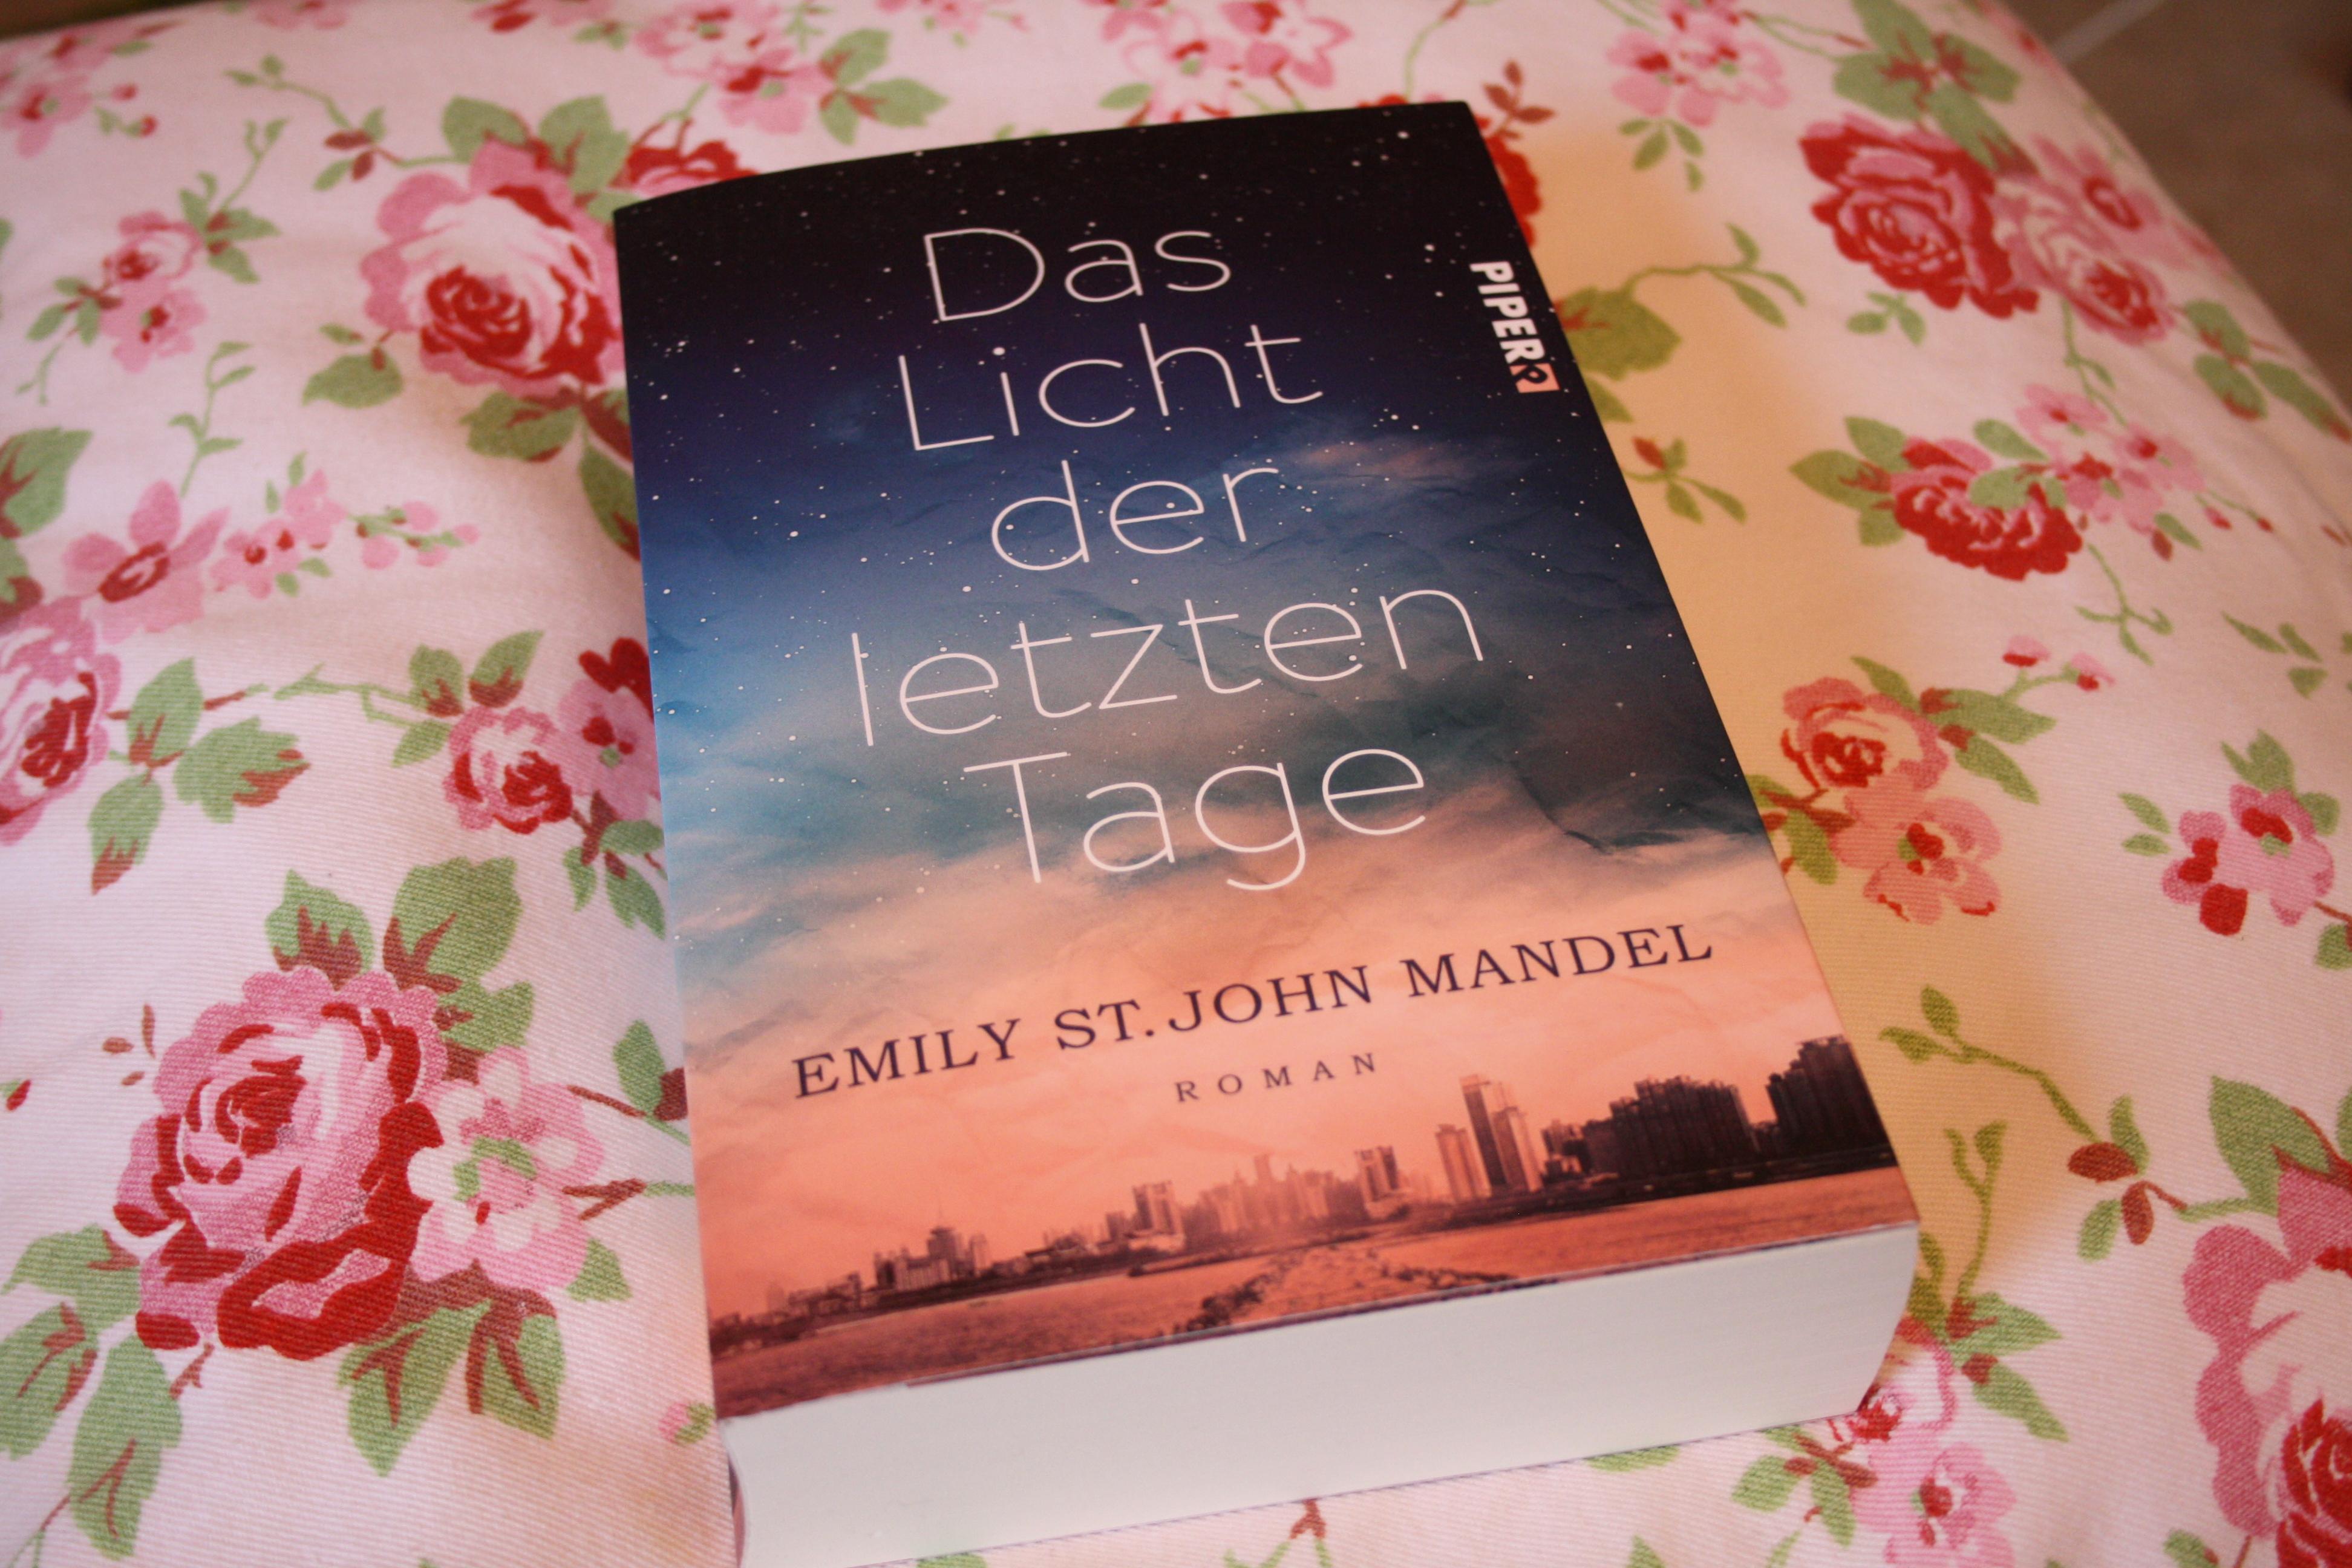 Das Licht der letzten Tage – Emily St. John Mandel